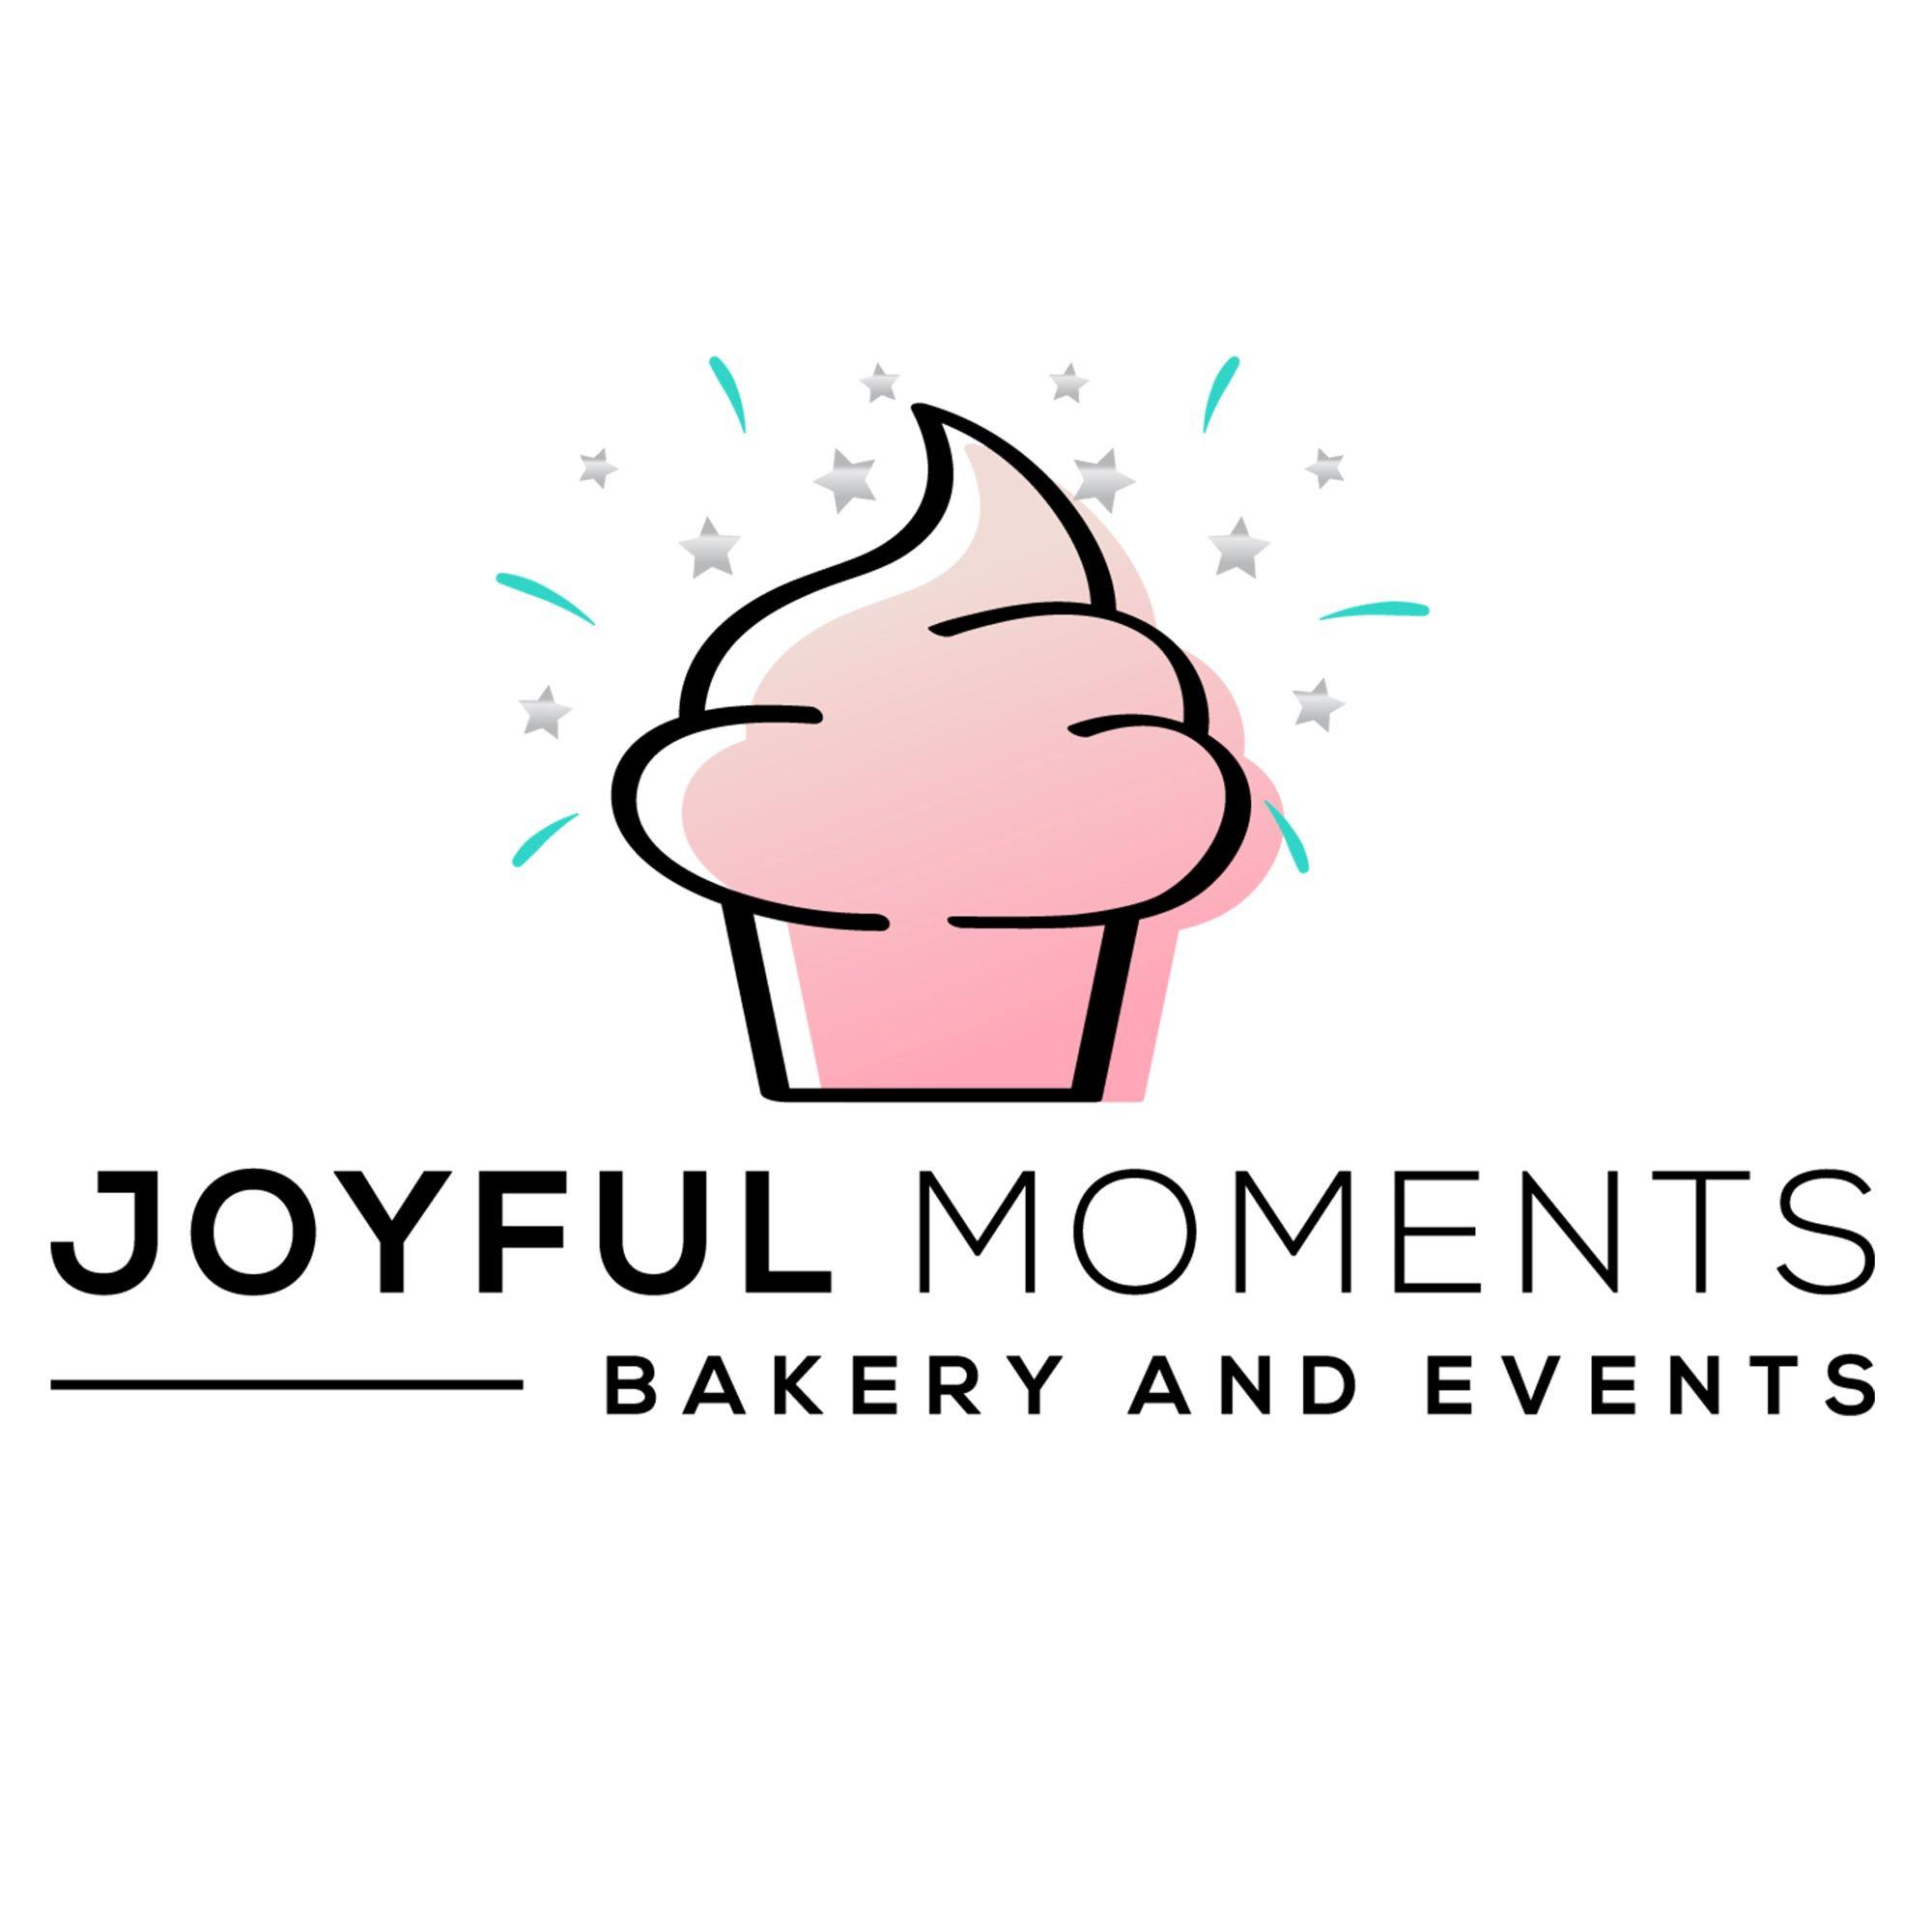 Joyful Moments Bakery